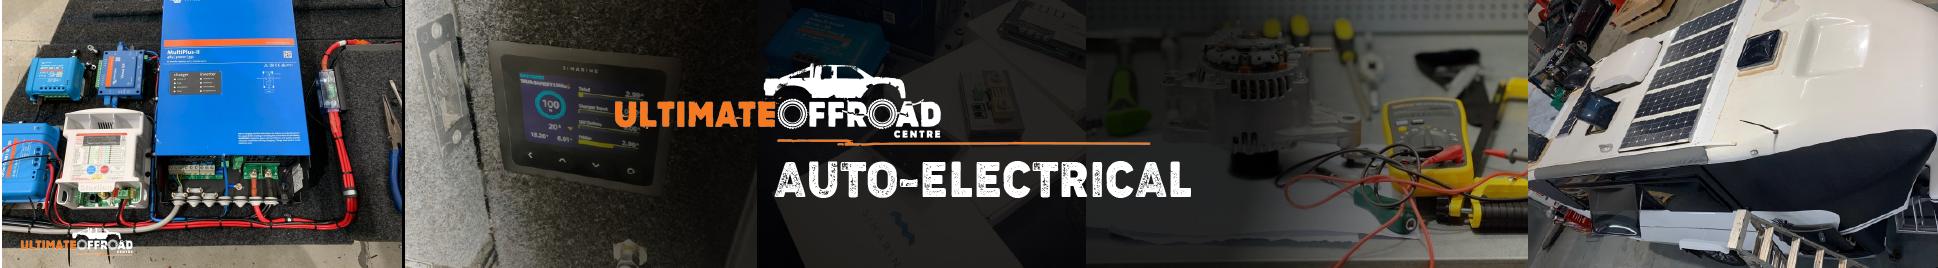 Auto electrical offroad service australia victoria